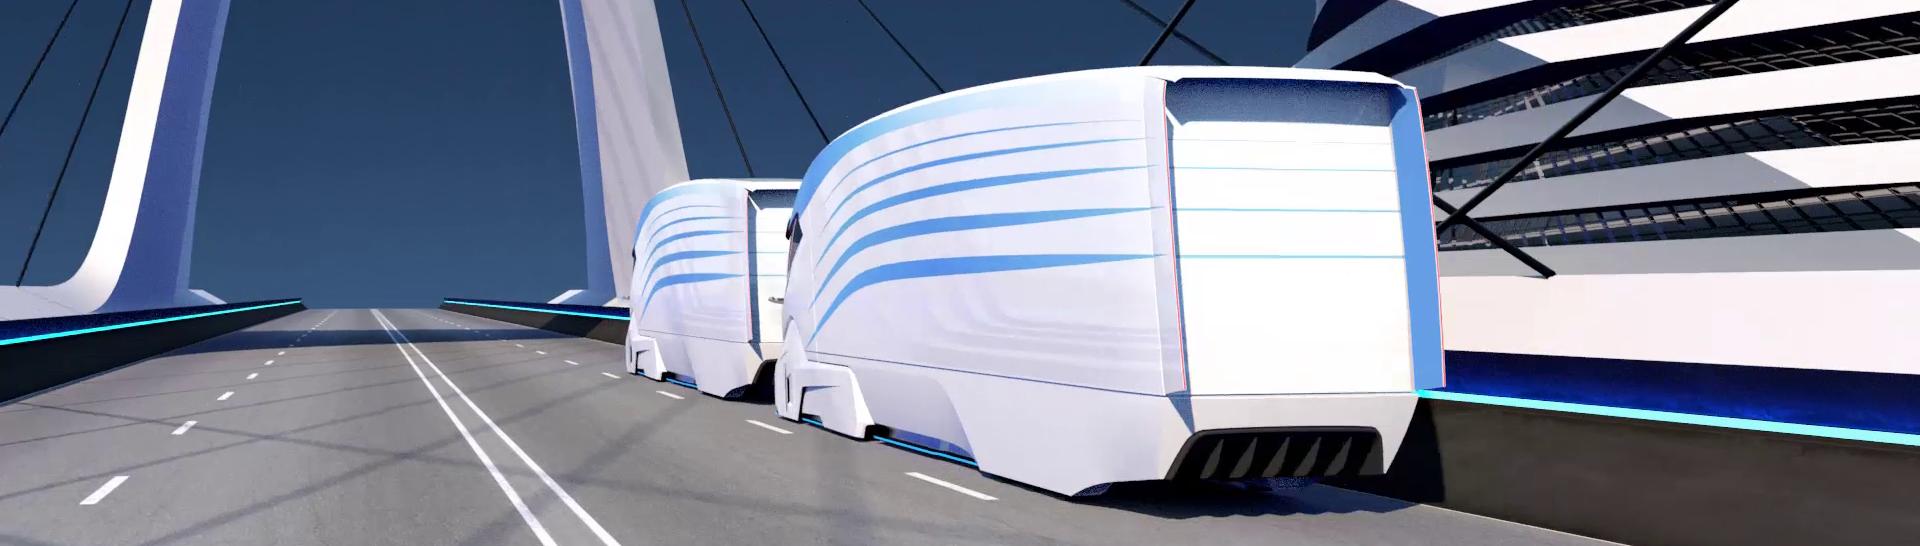 Innovation trucks - DAF Trucks N V